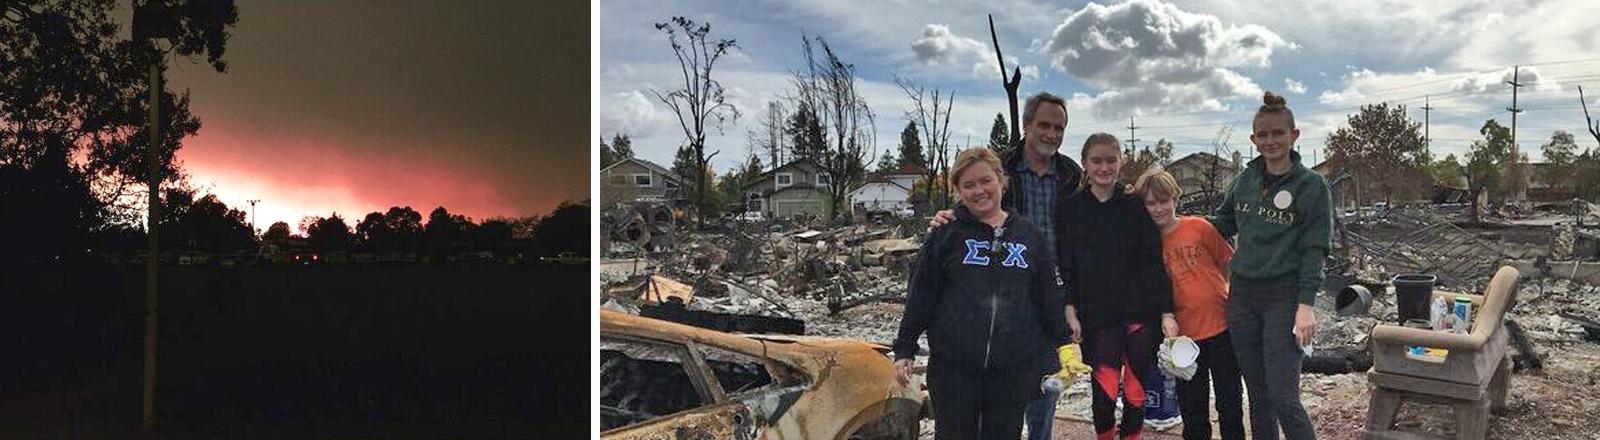 Flammen am Himmel über Santa Rosa, Kalifornien / Familie Mulder auf dem Schutt ihres Zuhauses